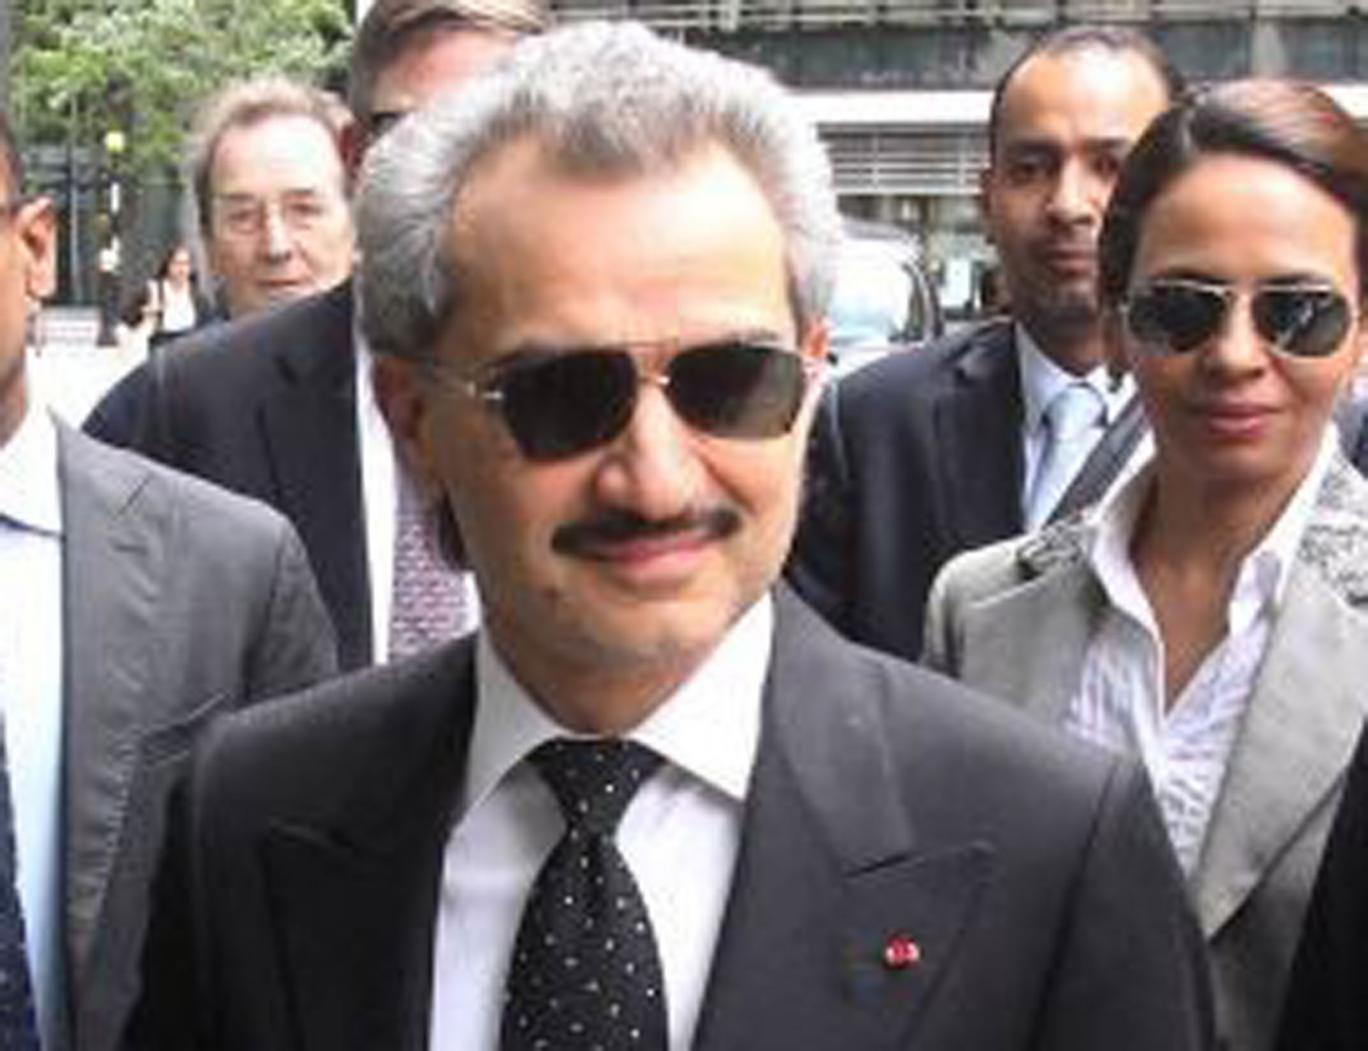 Prince Al-Waleed Bin Talal arrives in court